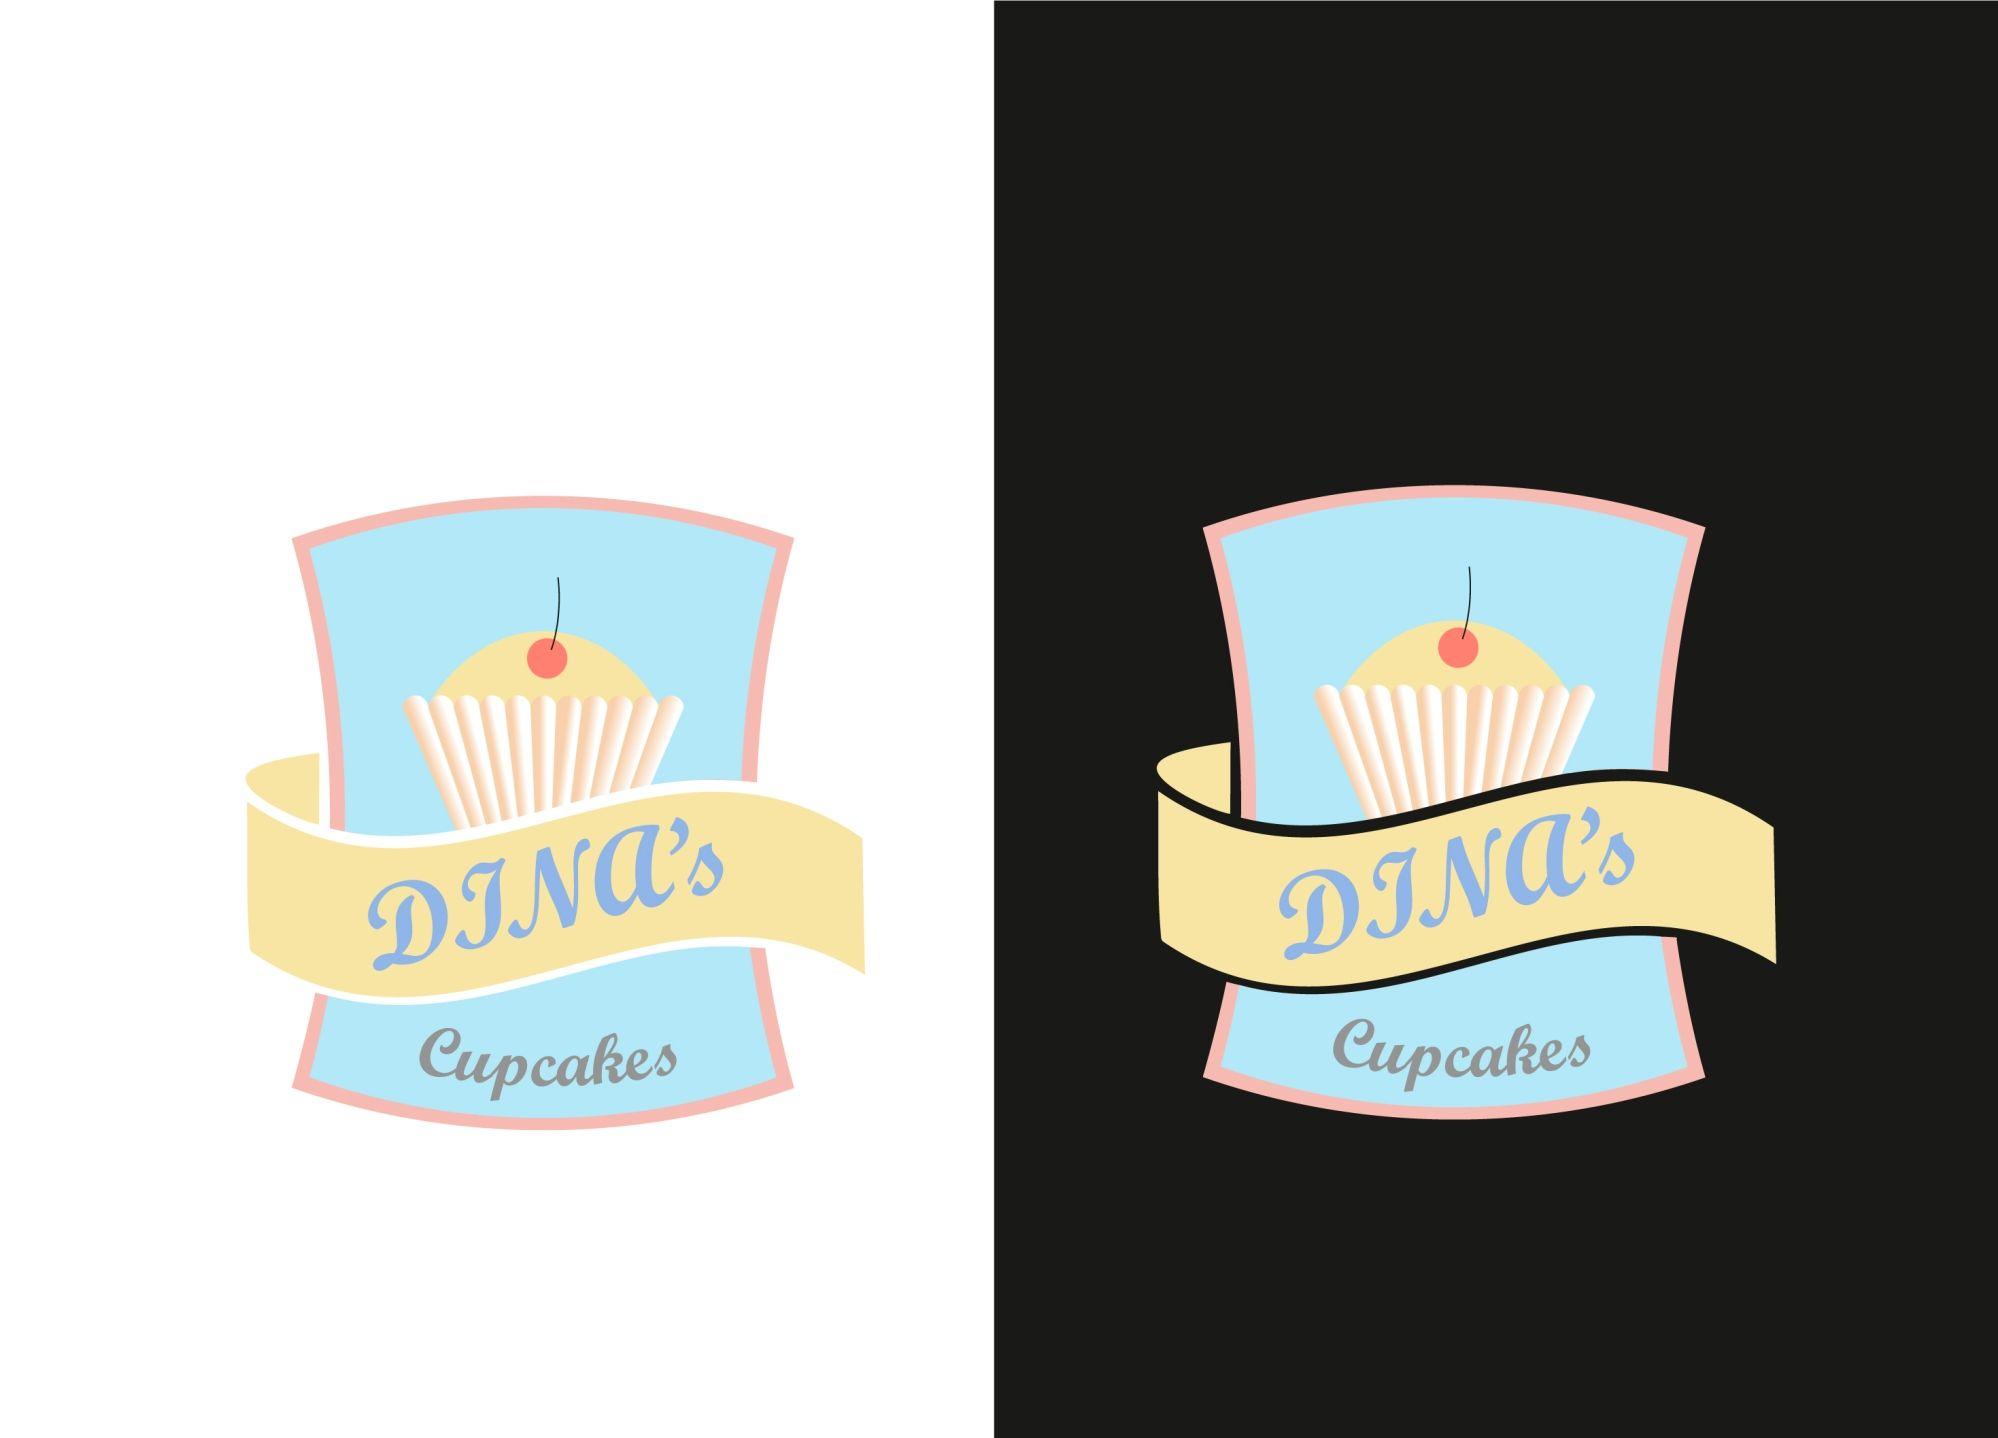 Лого для кондитерских изделий DINA's - дизайнер bunch05